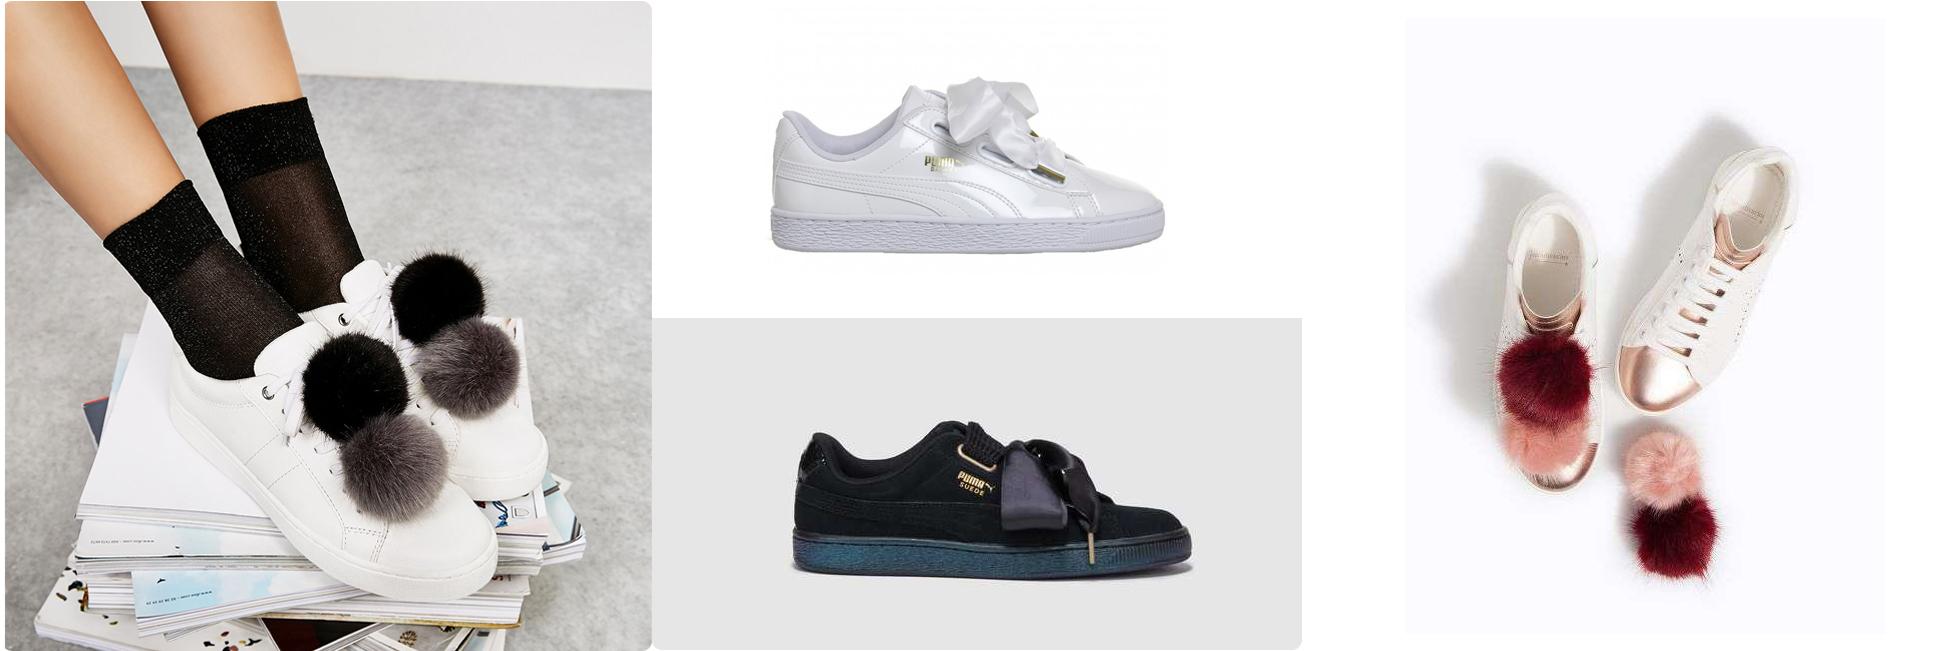 0a3a14b975363 Zapatillas de moda - Blog Oficial de Idawen - Moda Athleisure